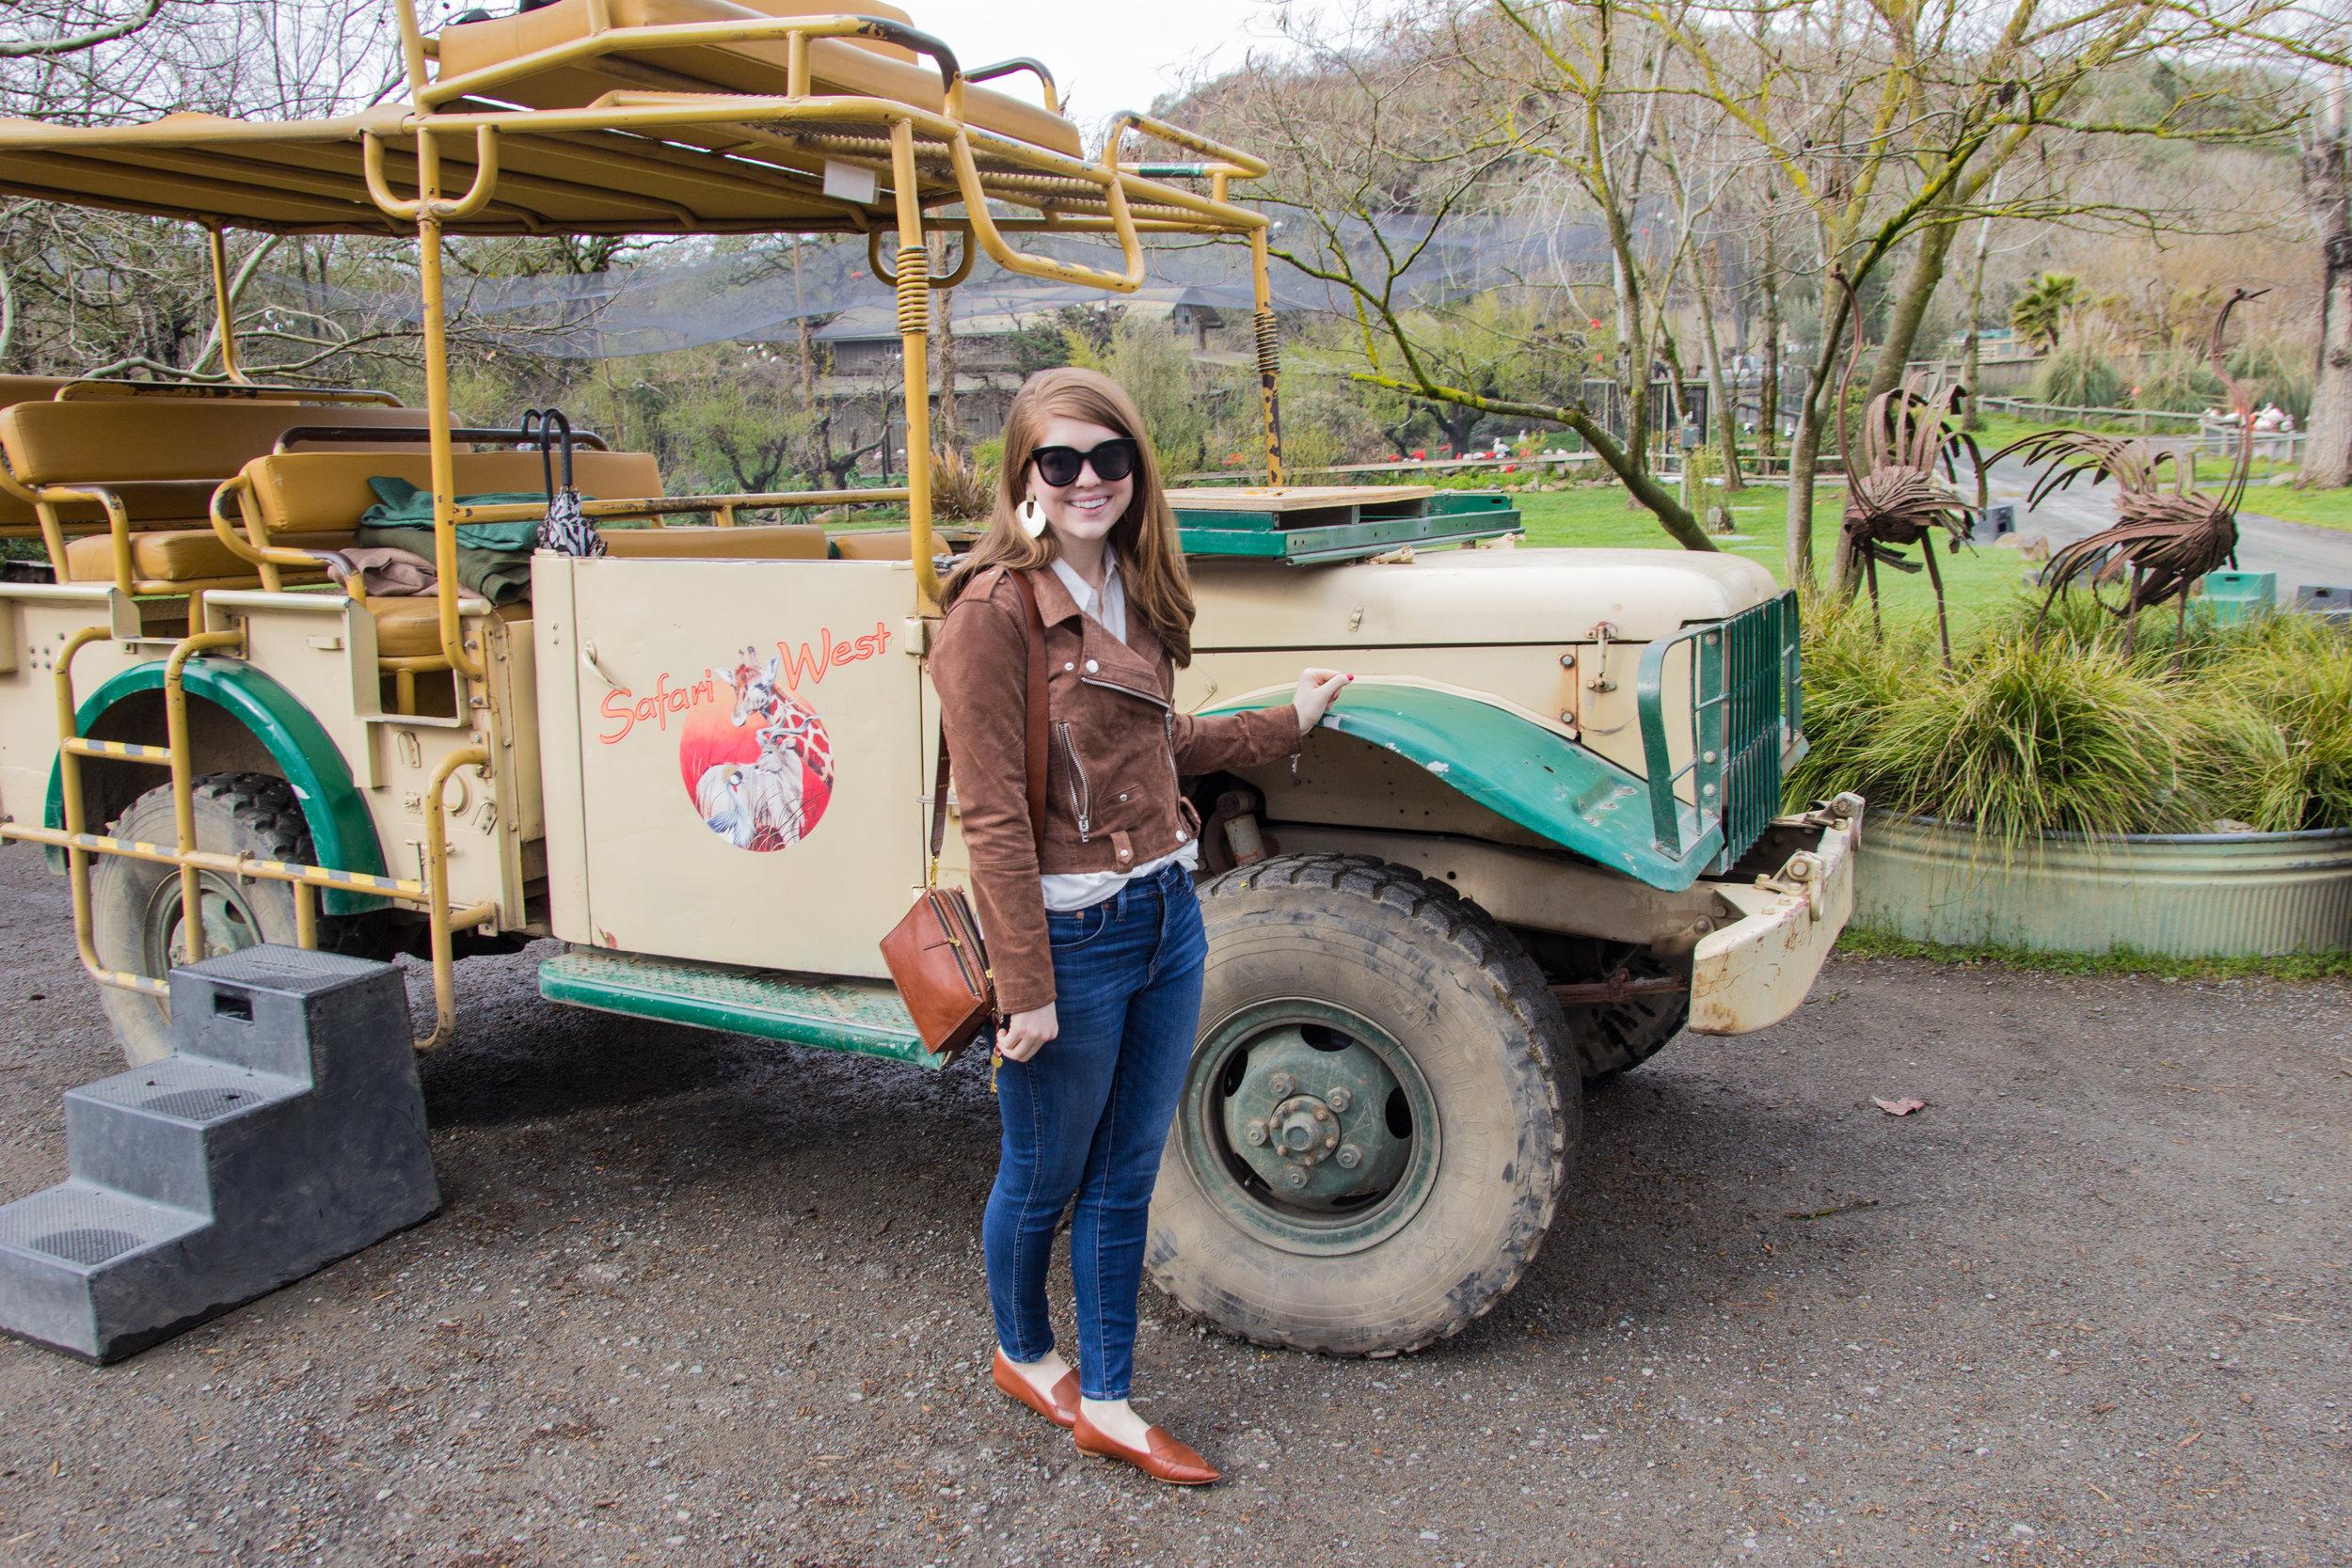 calistoga travel guide, what to do in calistoga, where to eat in calistoga, where to drink wine in calistoga, visit napa valley, napa valley travel guide, sonoma, visit california, safari west